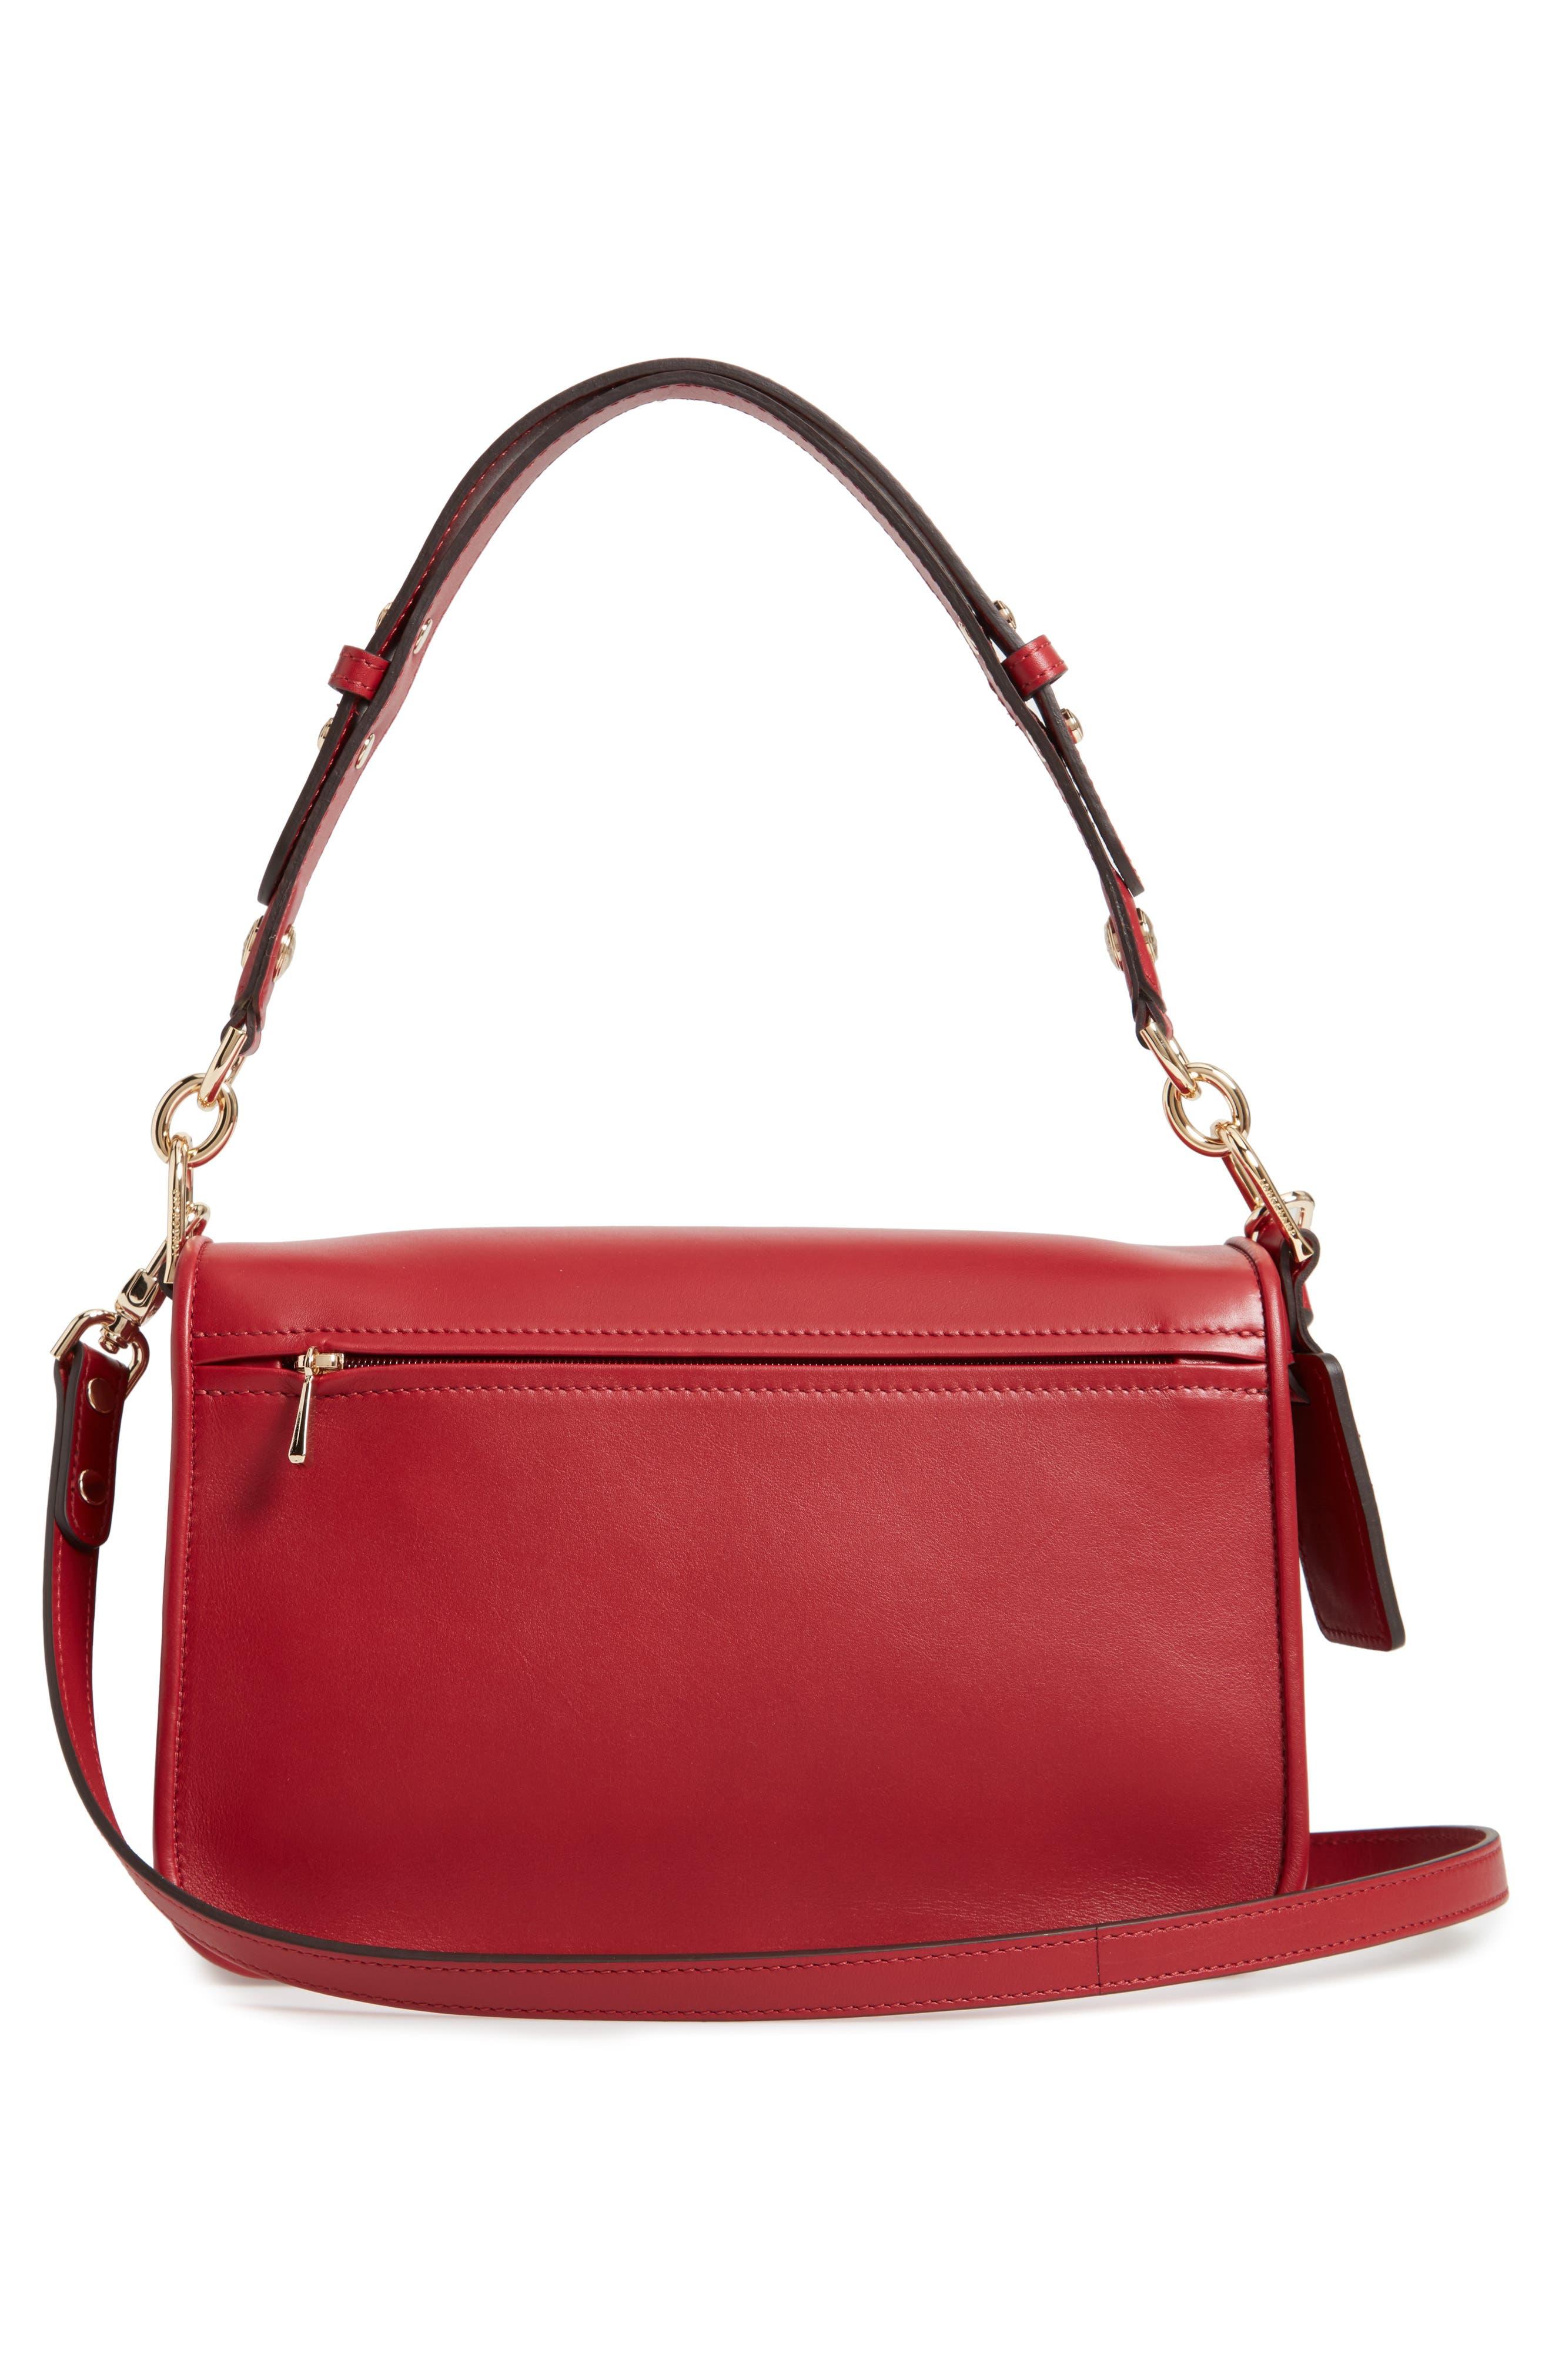 Mademoiselle Calfskin Leather Crossbody Bag,                             Alternate thumbnail 3, color,                             GARNET RED